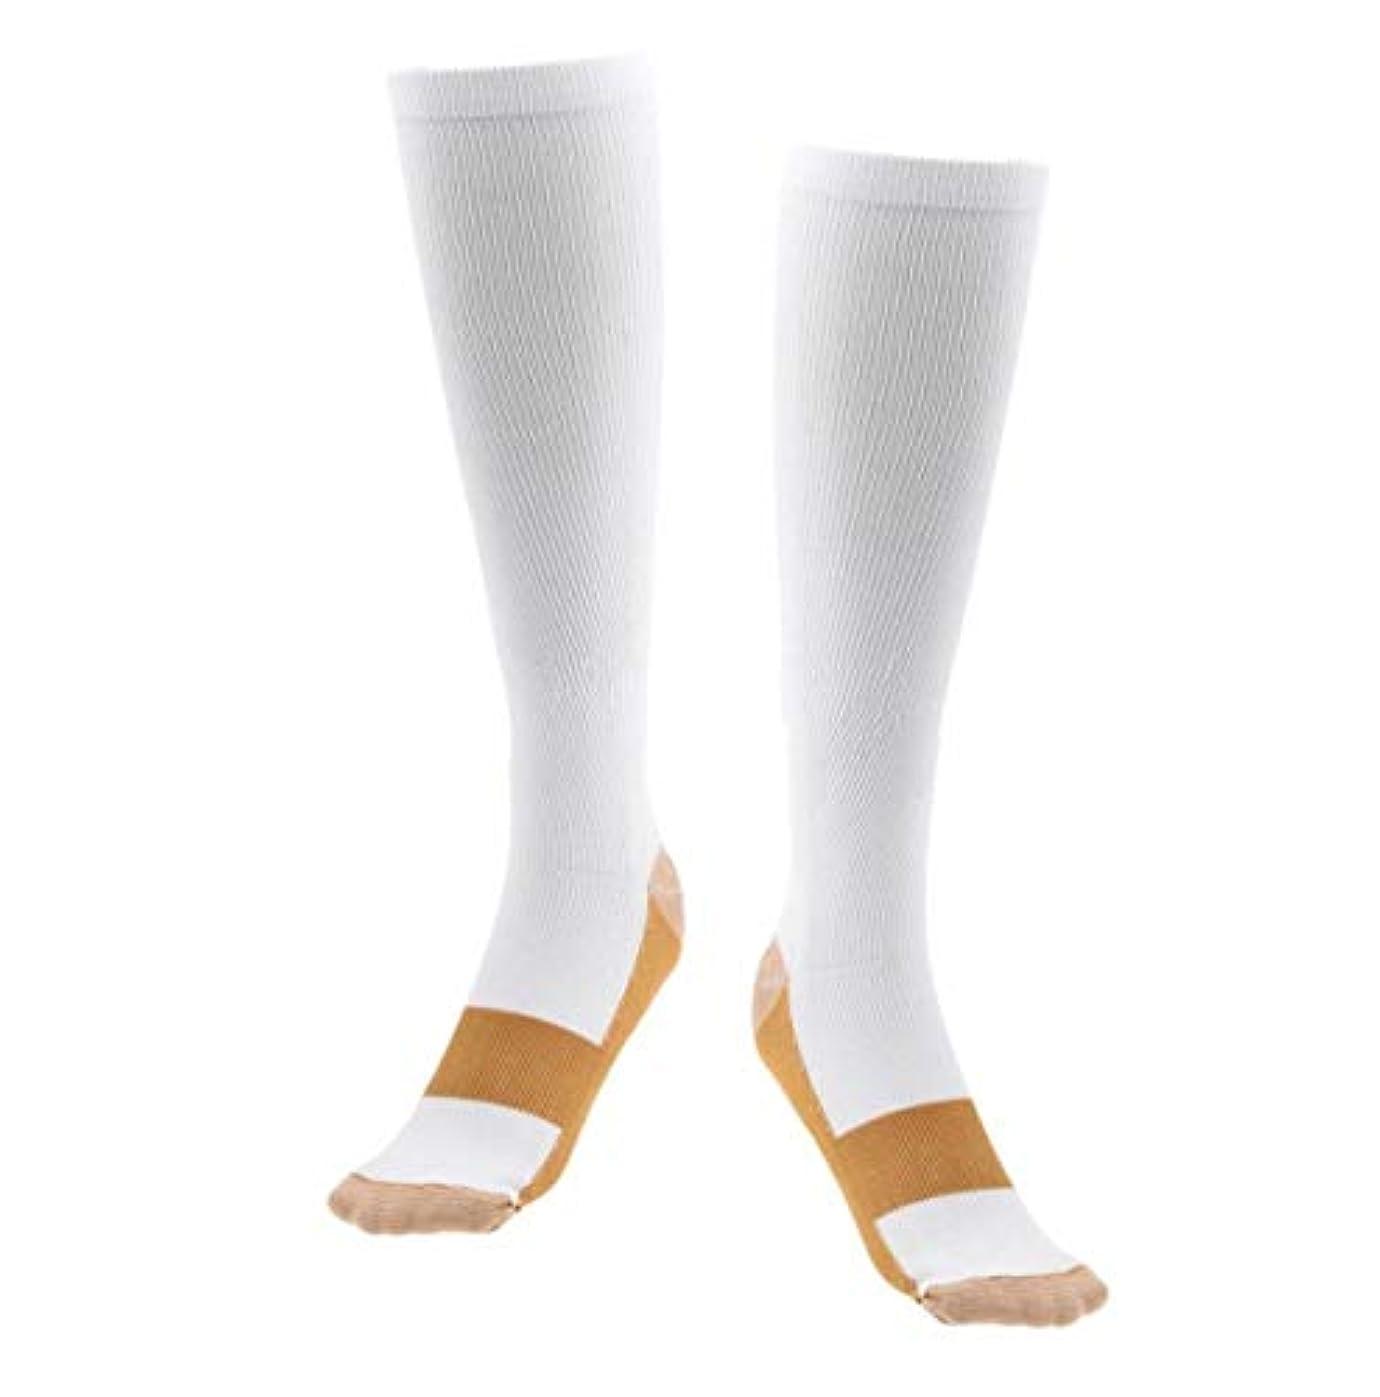 言い聞かせるフェリー批判的着圧ソックス 銅圧縮 コンプレッションソックス 膝下 抗疲労 男女兼用ユニセックス (S/M, ホワイト)